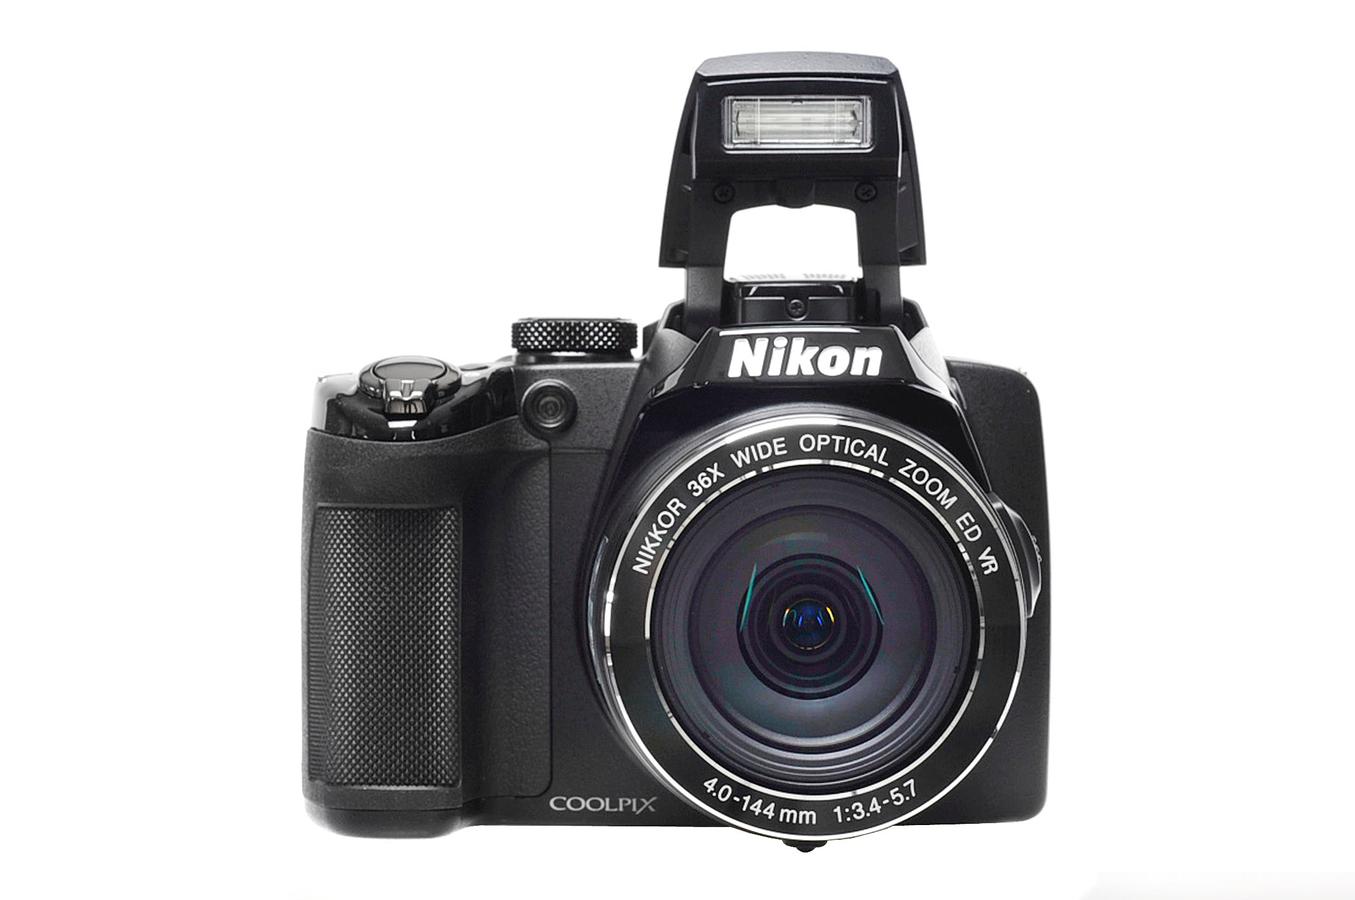 appareil photo compact nikon coolpix p500 noir 3405010. Black Bedroom Furniture Sets. Home Design Ideas